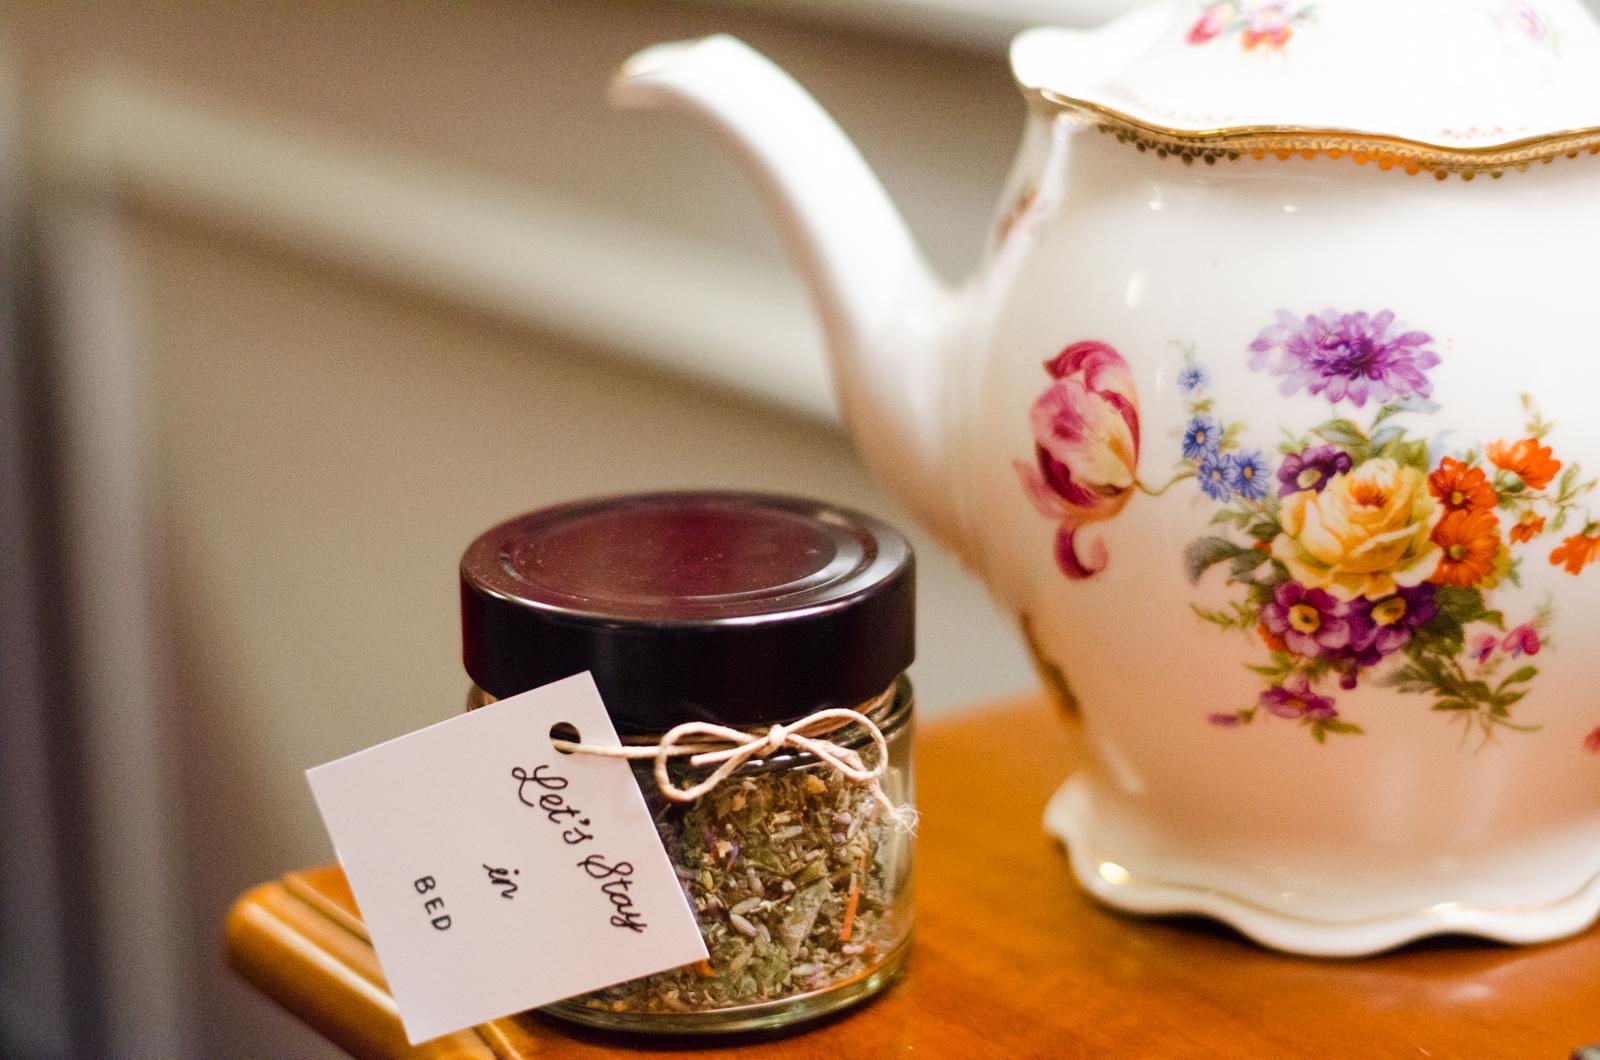 5. kép: A kamilla mellett jó néhány csodanövény is került az elalvást segítő teánkba